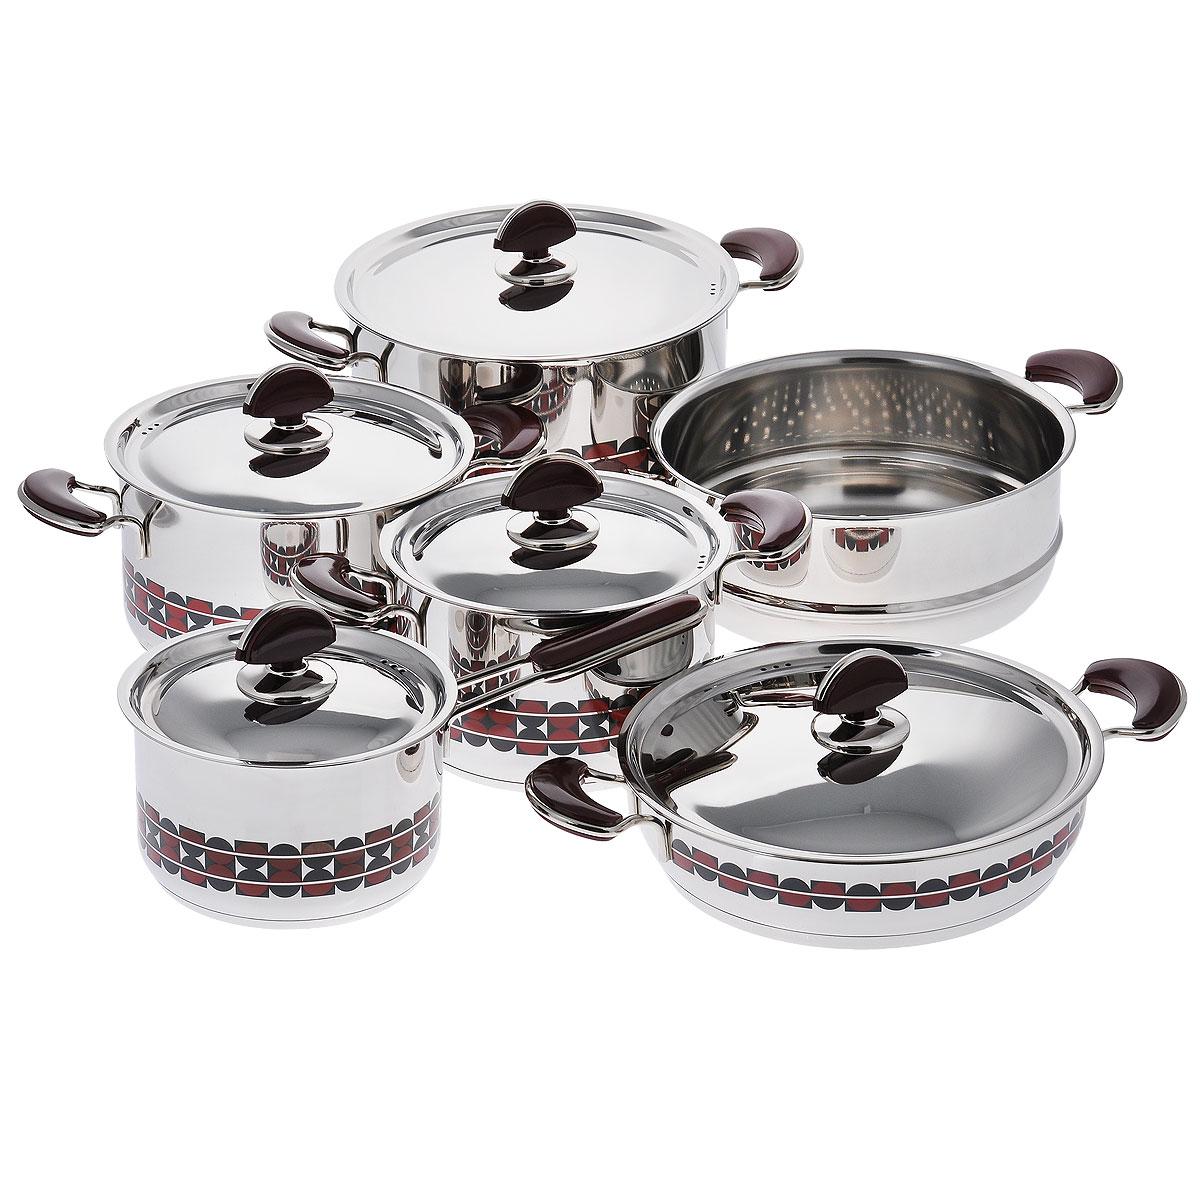 Набор посуды Kitchen-Art EX Pot, 11 предметовZH3000Набор посуды Kitchen-Art EX Pot состоит из четырех кастрюль, ковша и дуршлага-вставки. Изделия выполнены из нержавеющей стали «Премиум-ЛЮКС» (Южная Корея). Материал обладает высокой стойкостью к коррозии и кислотам. Прочность, долговечность и надежность этого материала, а также первоклассная обработка обеспечивают практически неограниченный запас прочности. Зеркальная полировка придает посуде привлекательный внешний вид. Дно посуды с трехслойным напылением. Идеально ровная внутренняя поверхность облегчает процесс чистки. Посуда оснащена удобными металлическими ручками с пластиковыми вставками, которые не нагреваются в процессе приготовления пищи. Крышки изготовлены из нержавеющей стали с пластиковыми ручками. Крышки имеют отверстия для выпуска пара. Набор посуды Kitchen-Art EX Pot - это модный европейский дизайн, обтекаемые линии и формы. Все изделия имеют специальный рисунок в стиле LUXURY. Каждое изделие упаковано в индивидуальную подарочную...